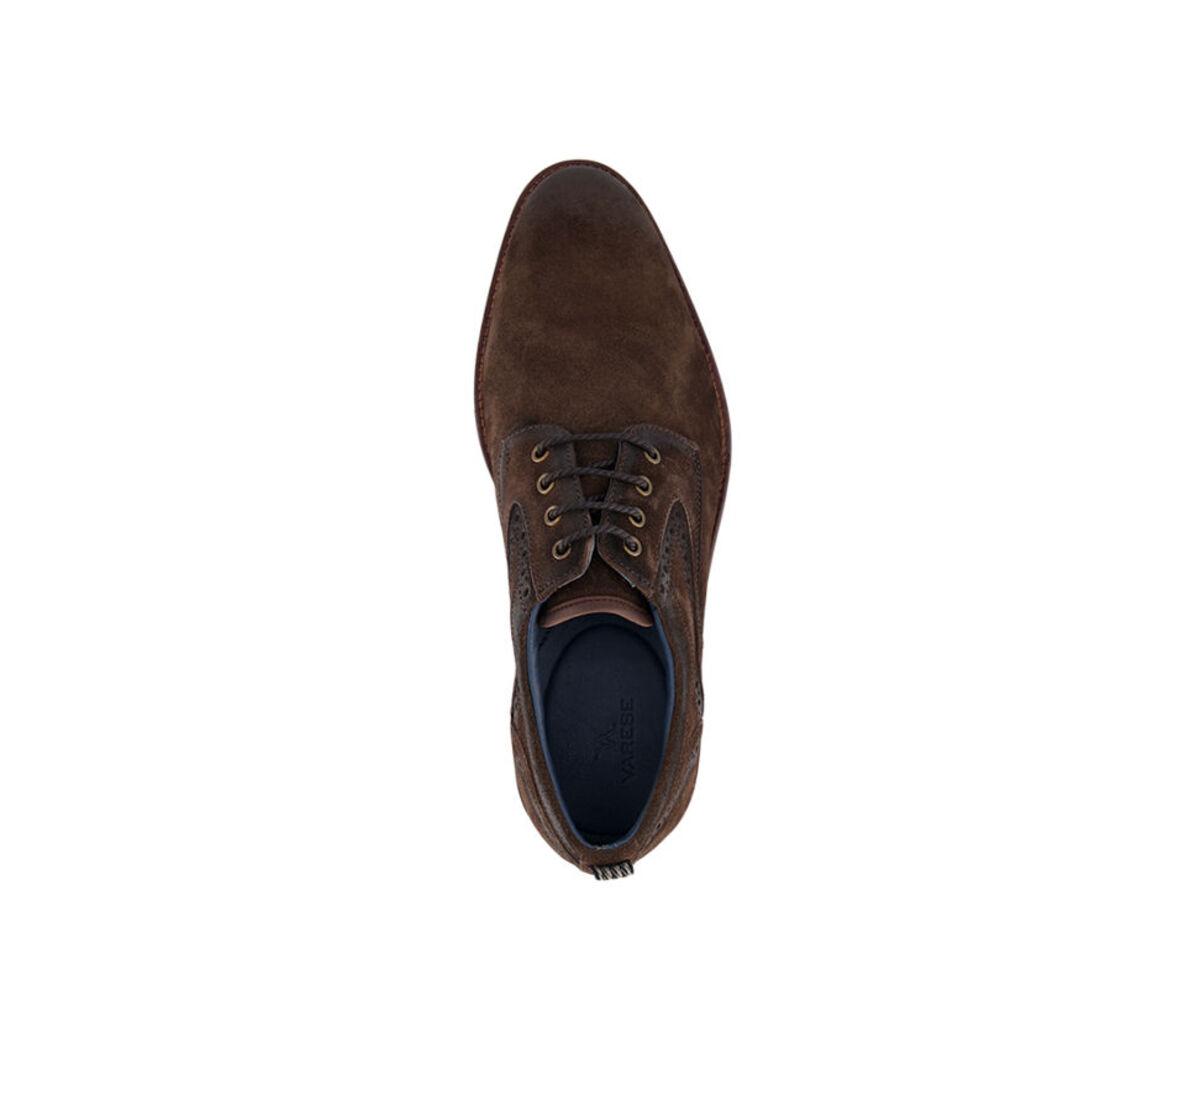 Bild 3 von Varese Business-Schuh